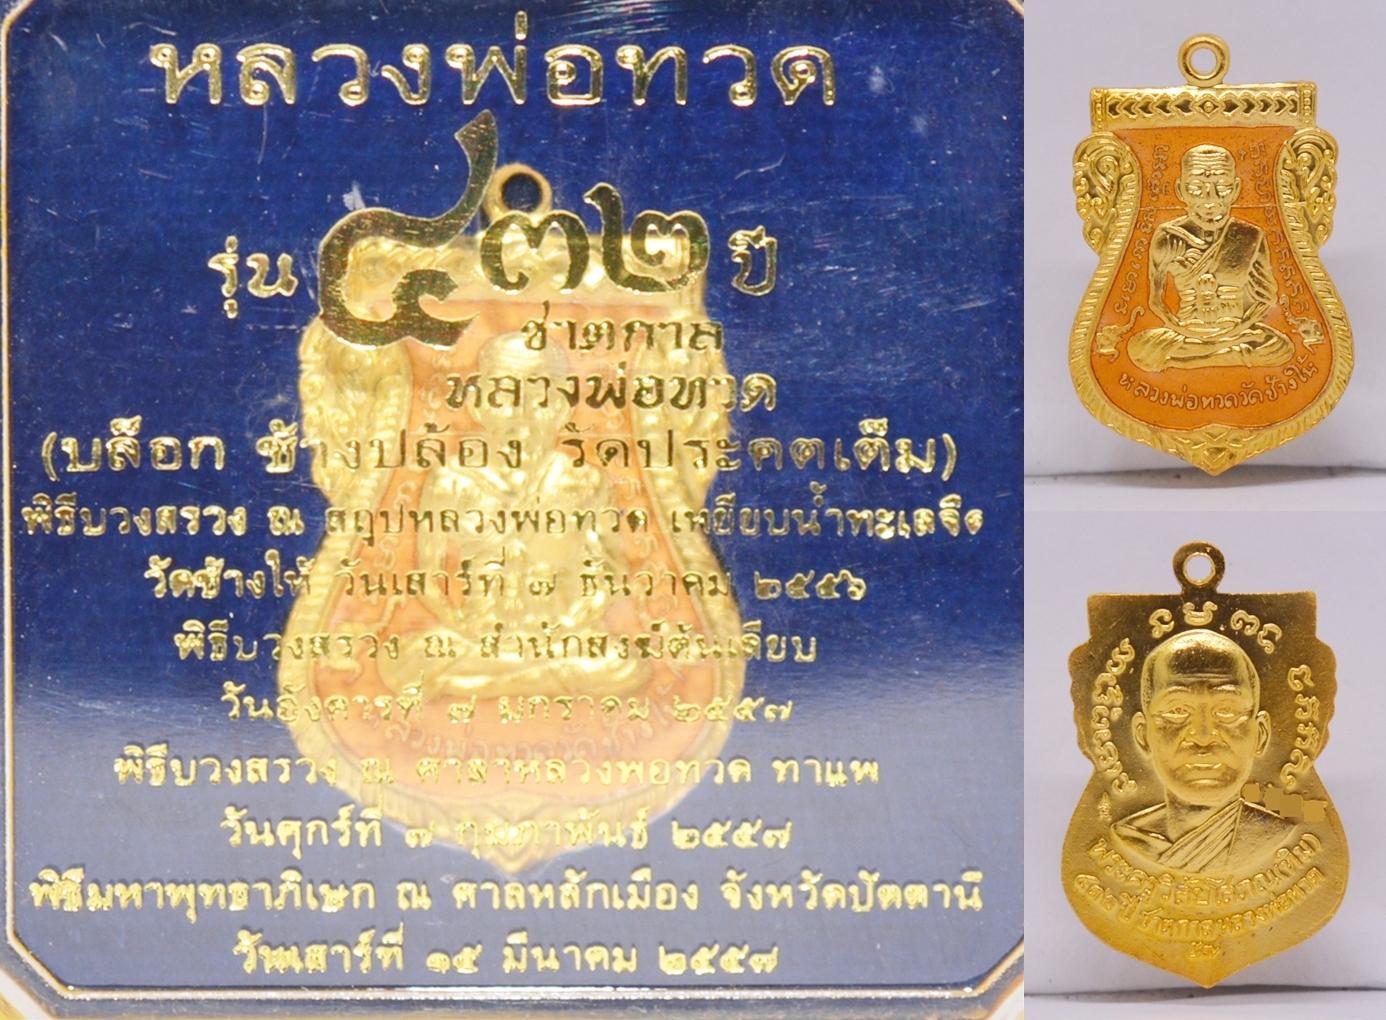 หลวงพ่อทวด เสมาหน้าเลื่อน บล็อคช้างปล้องรัดประคตเต็ม ทองแดงชุบทองลงยาเหลือง 432 ปี ชาตกาล 2557